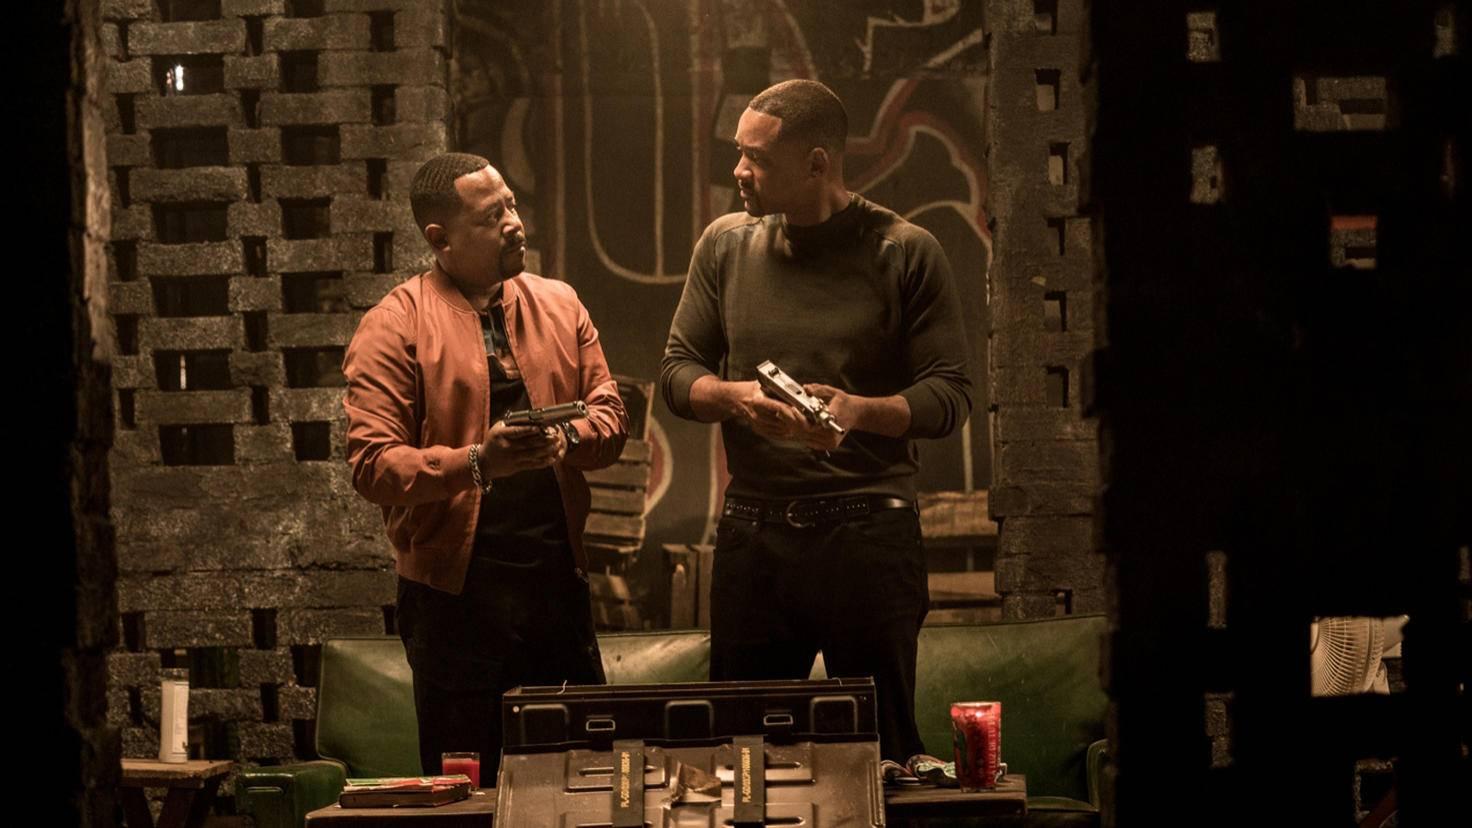 Marcus und Mike stehen zusammen. Verstehste? Ach, egal ...